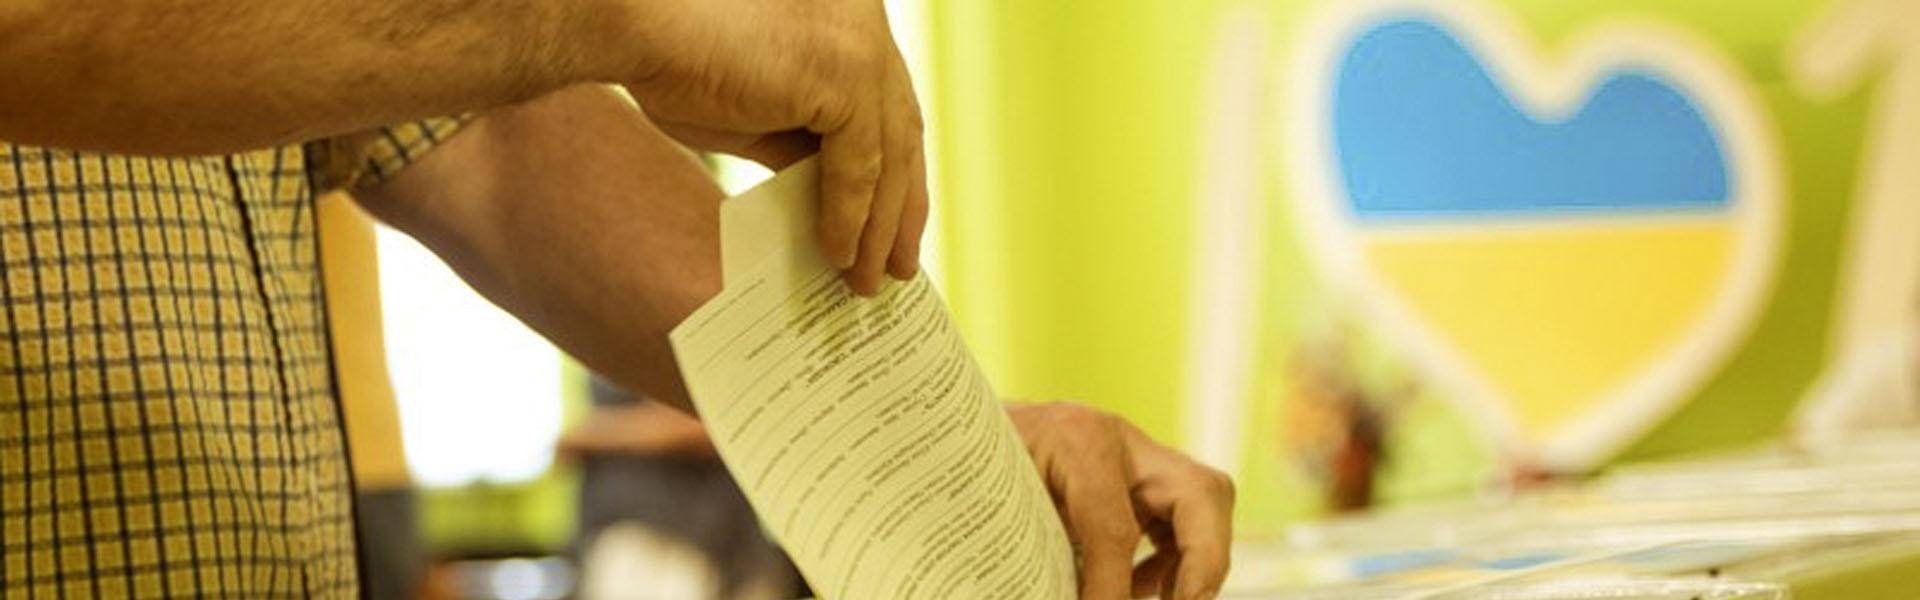 Проценты по доверию: итоги украинских выборов